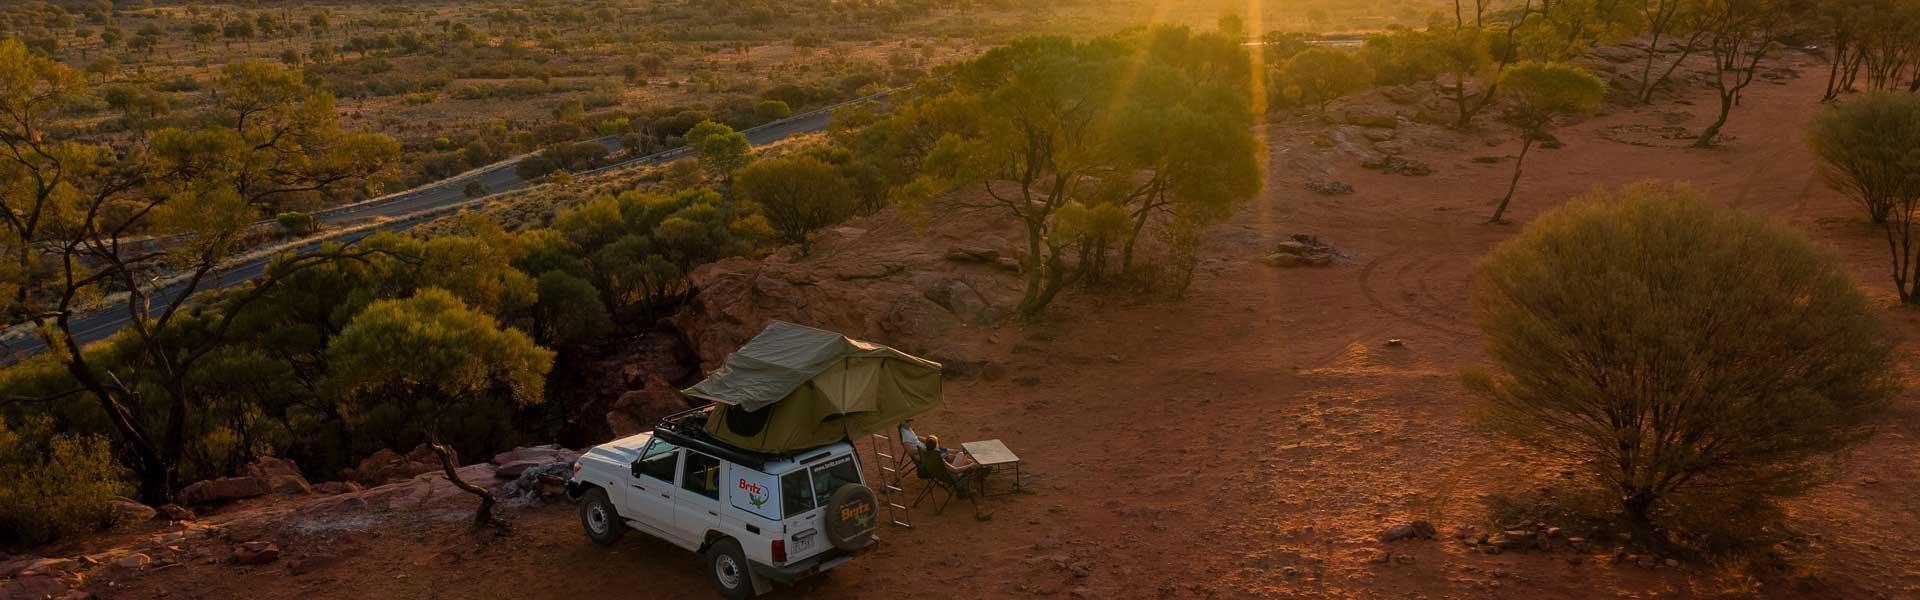 Ga op campervakantie door Australië met Victoria CamperHolidays